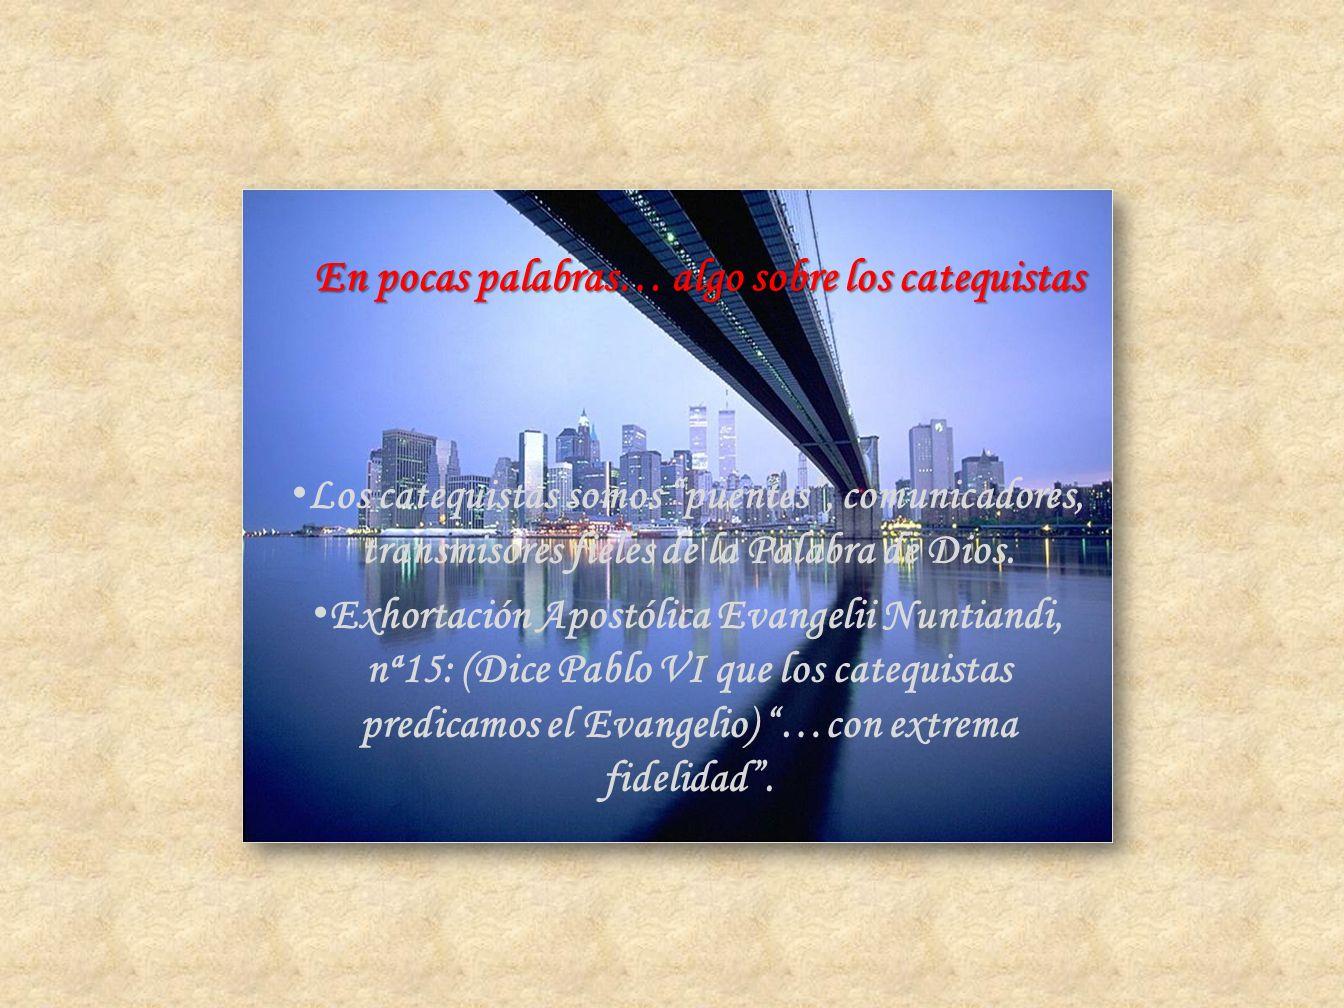 Los catequistas somos puentes, comunicadores, transmisores fieles de la Palabra de Dios. Exhortación Apostólica Evangelii Nuntiandi, nª15: (Dice Pablo